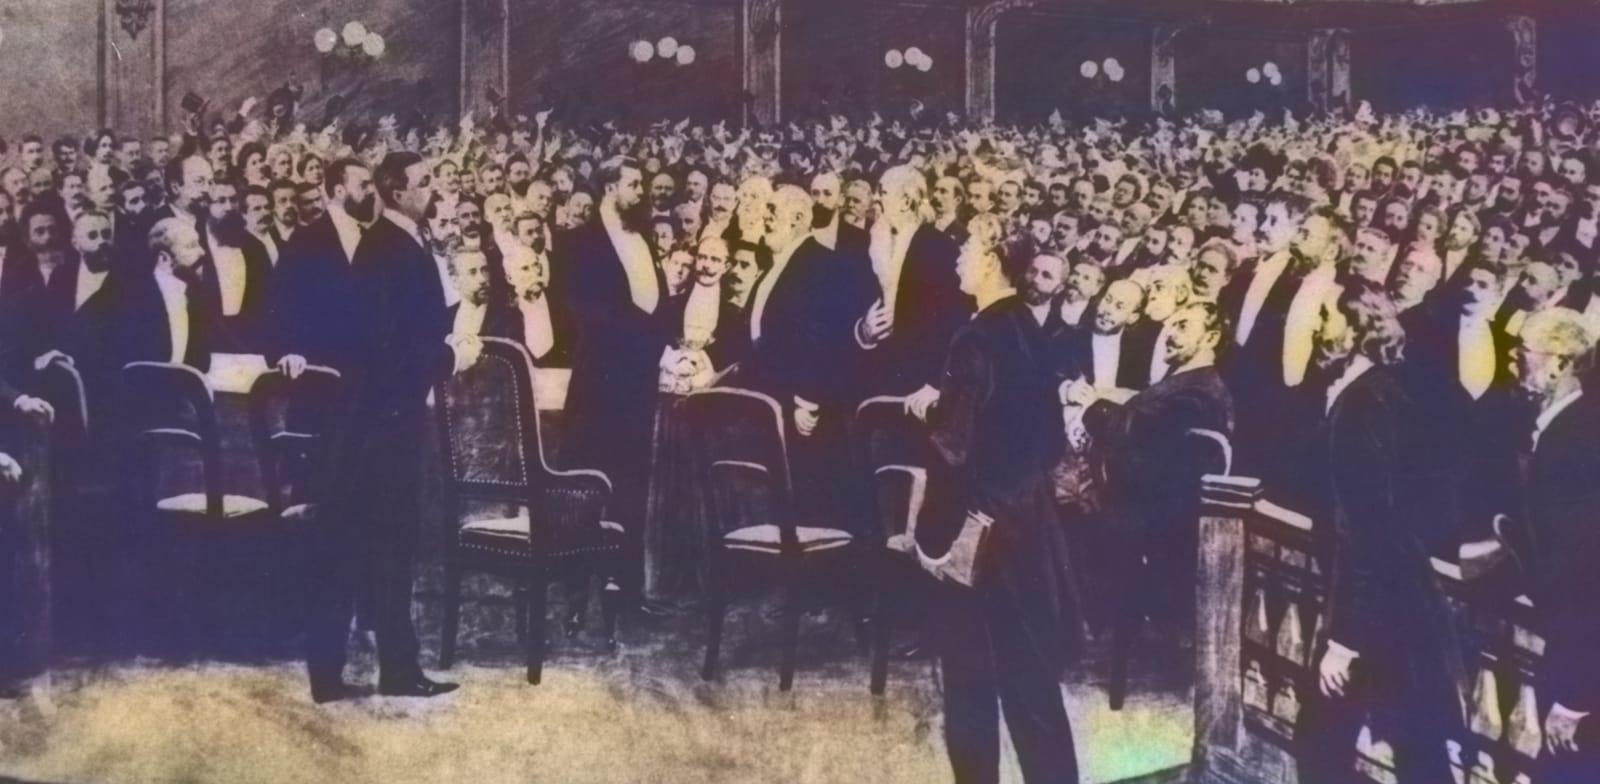 הקונגרס הציוני הראשון / צילום: מתוך ויקיפדיה